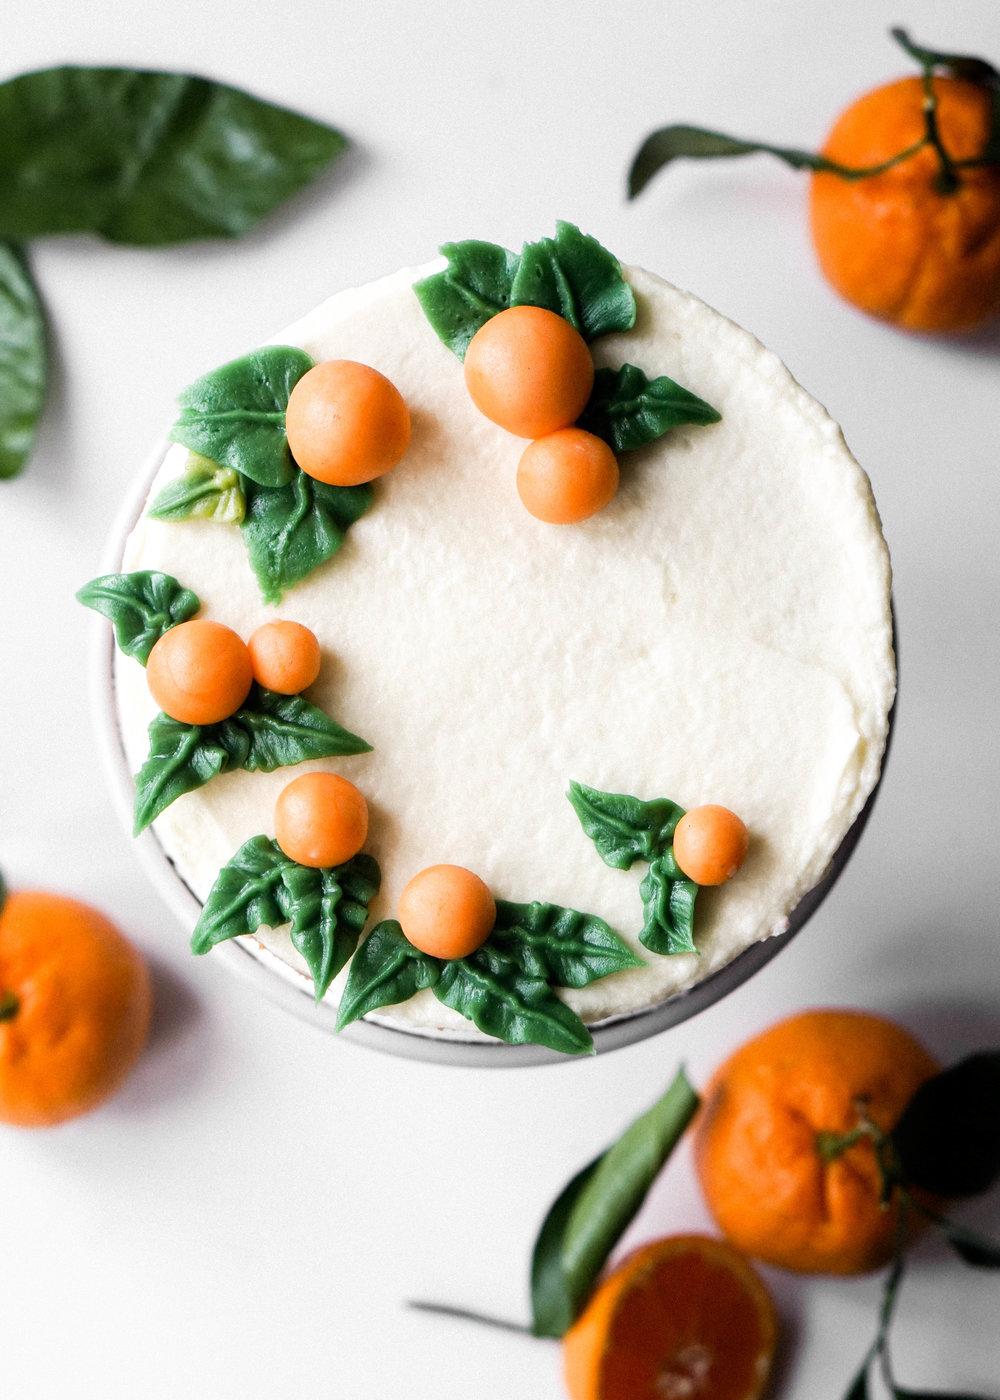 Mini Almond and Satsuma Orange Cake // https://eatchofood.com/blog/2019/1/12/mini-almond-and-satsuma-orange-cake // Gluten Free